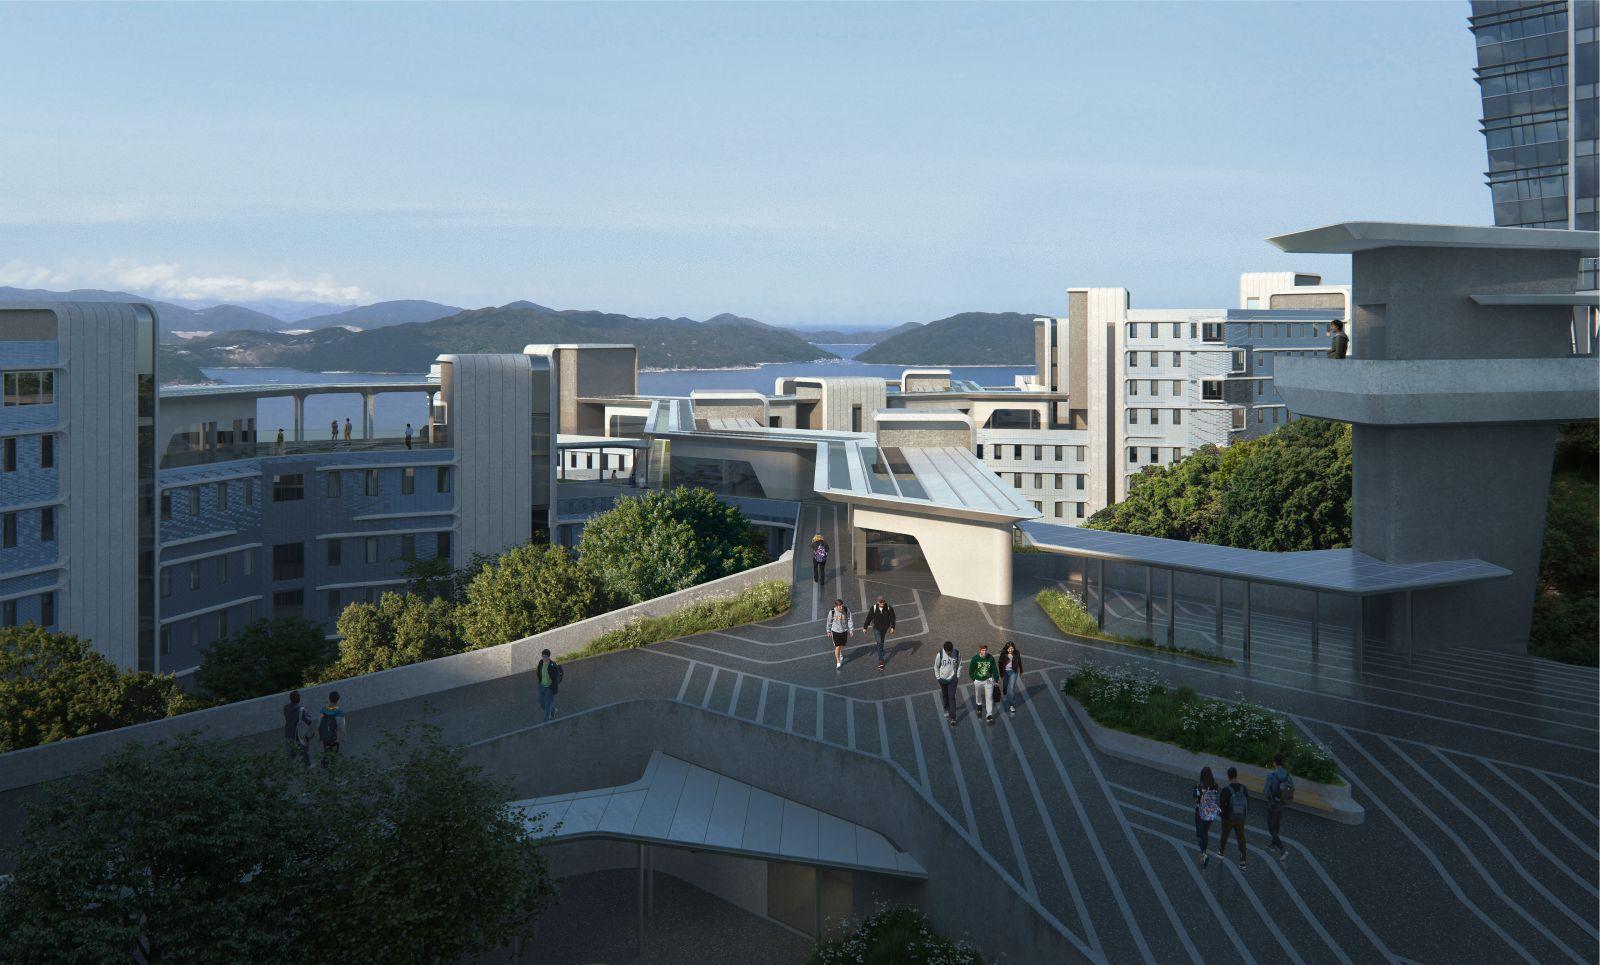 Student Residence Development